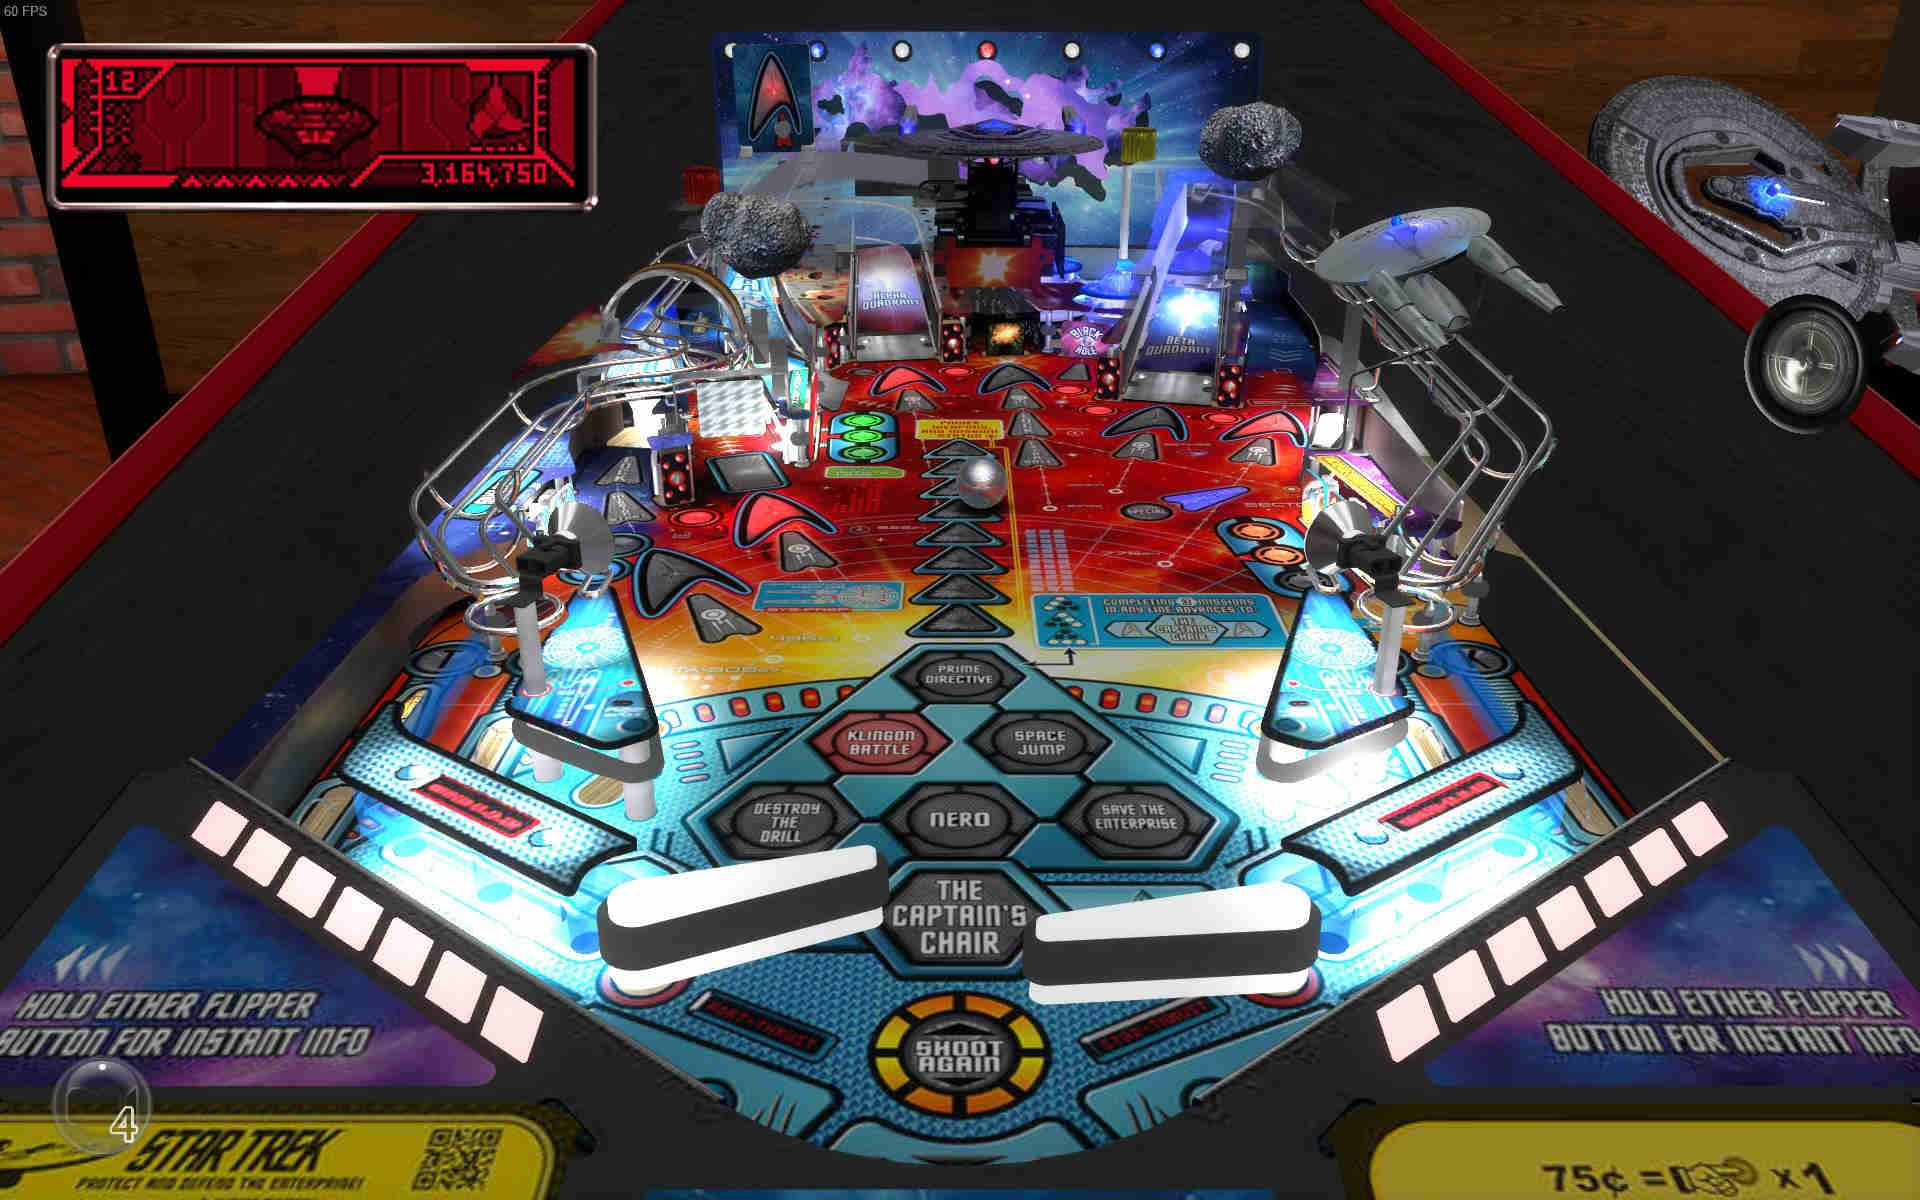 stern-pinball-arcade-review-screenshot-1